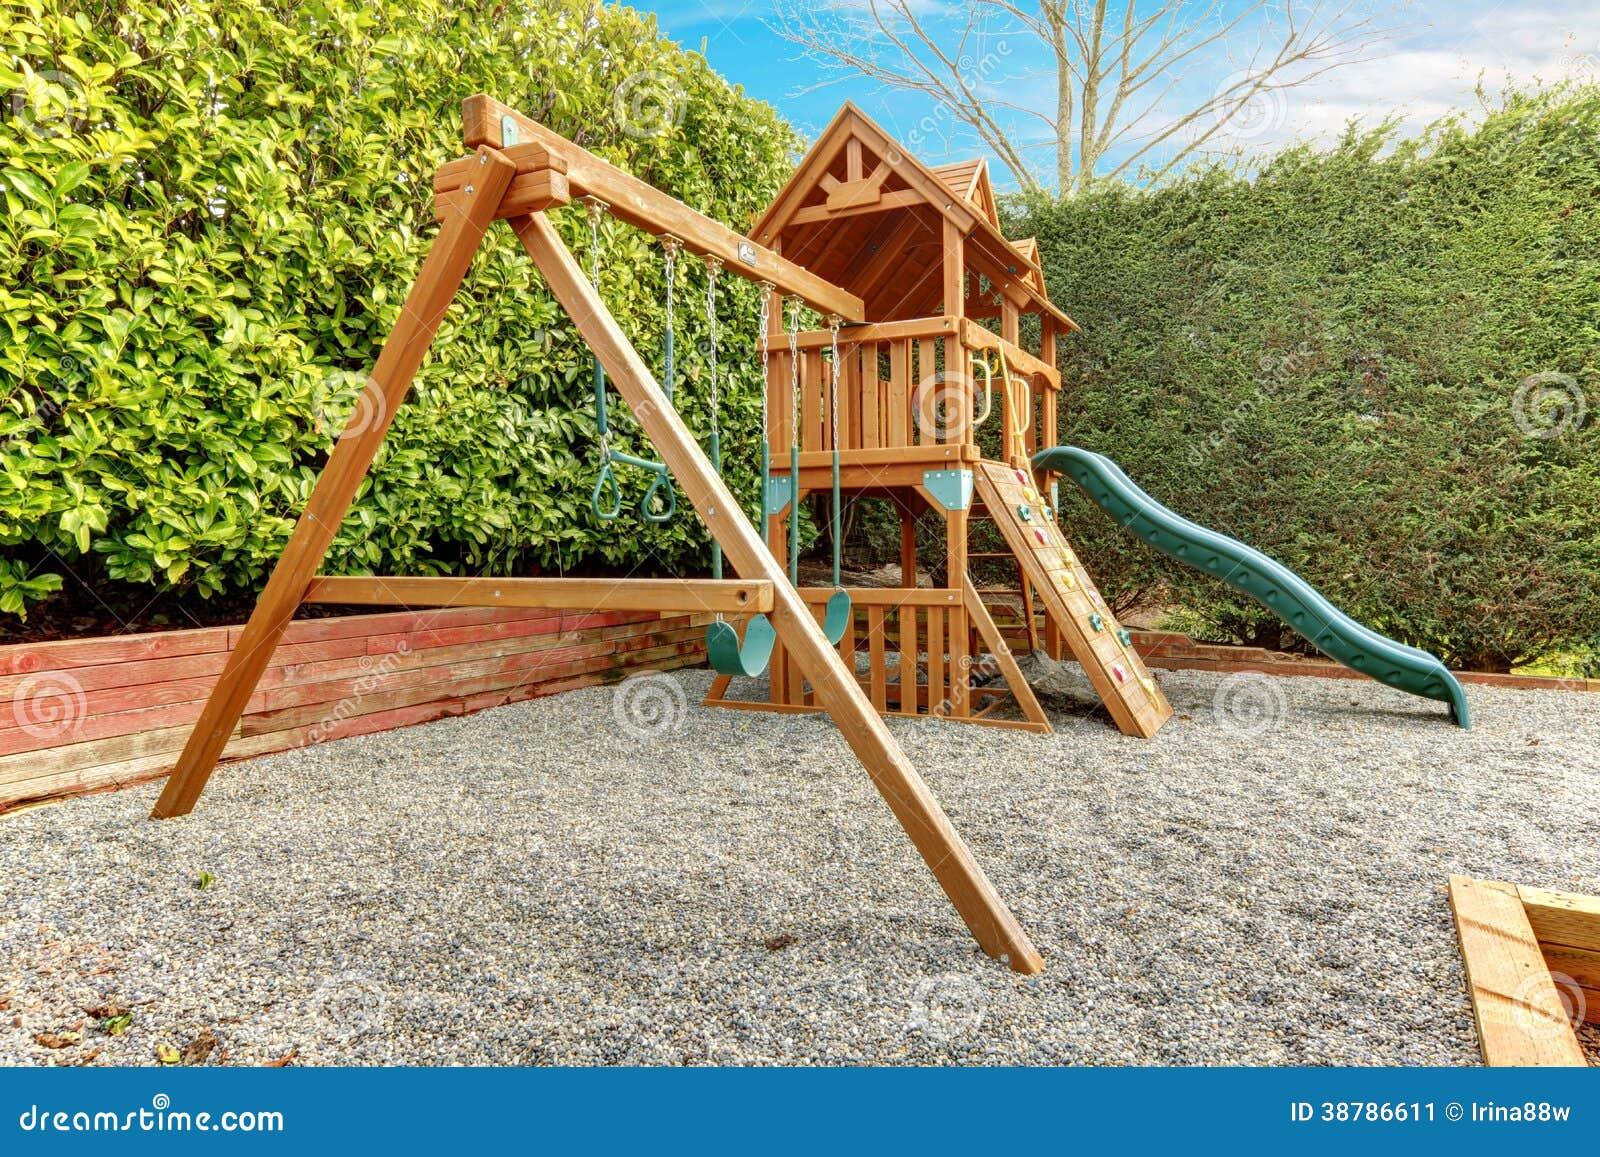 terrain de jeu d 39 arri re cour pour des enfants photo stock image 38786611. Black Bedroom Furniture Sets. Home Design Ideas